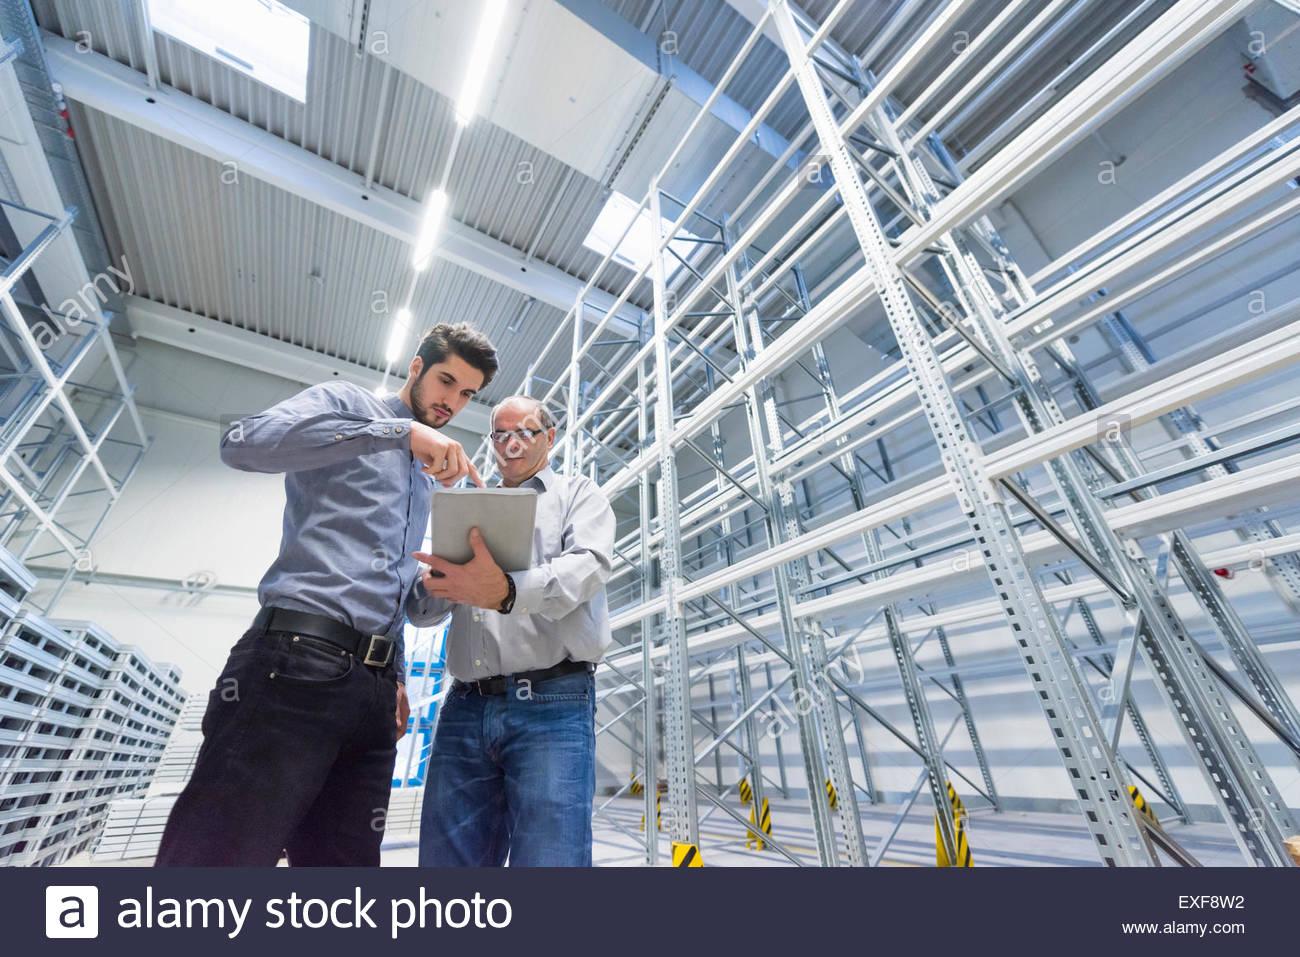 Basso angolo vista di imprenditore lavoratore incontro nel magazzino di fabbrica Immagini Stock